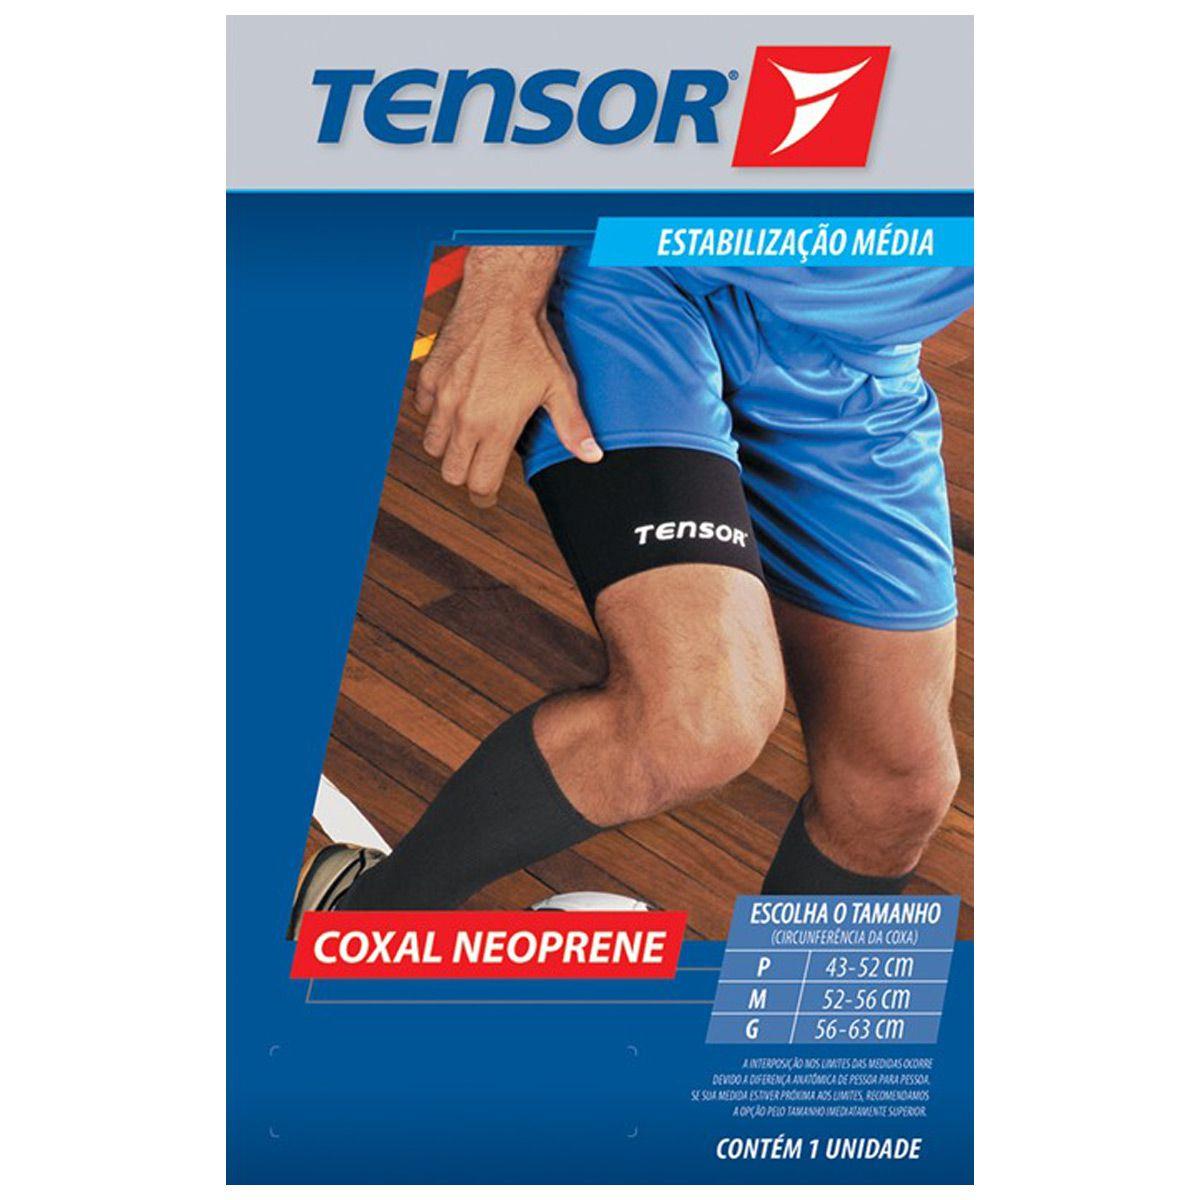 Coxal de Neoprene Tensor - 8411